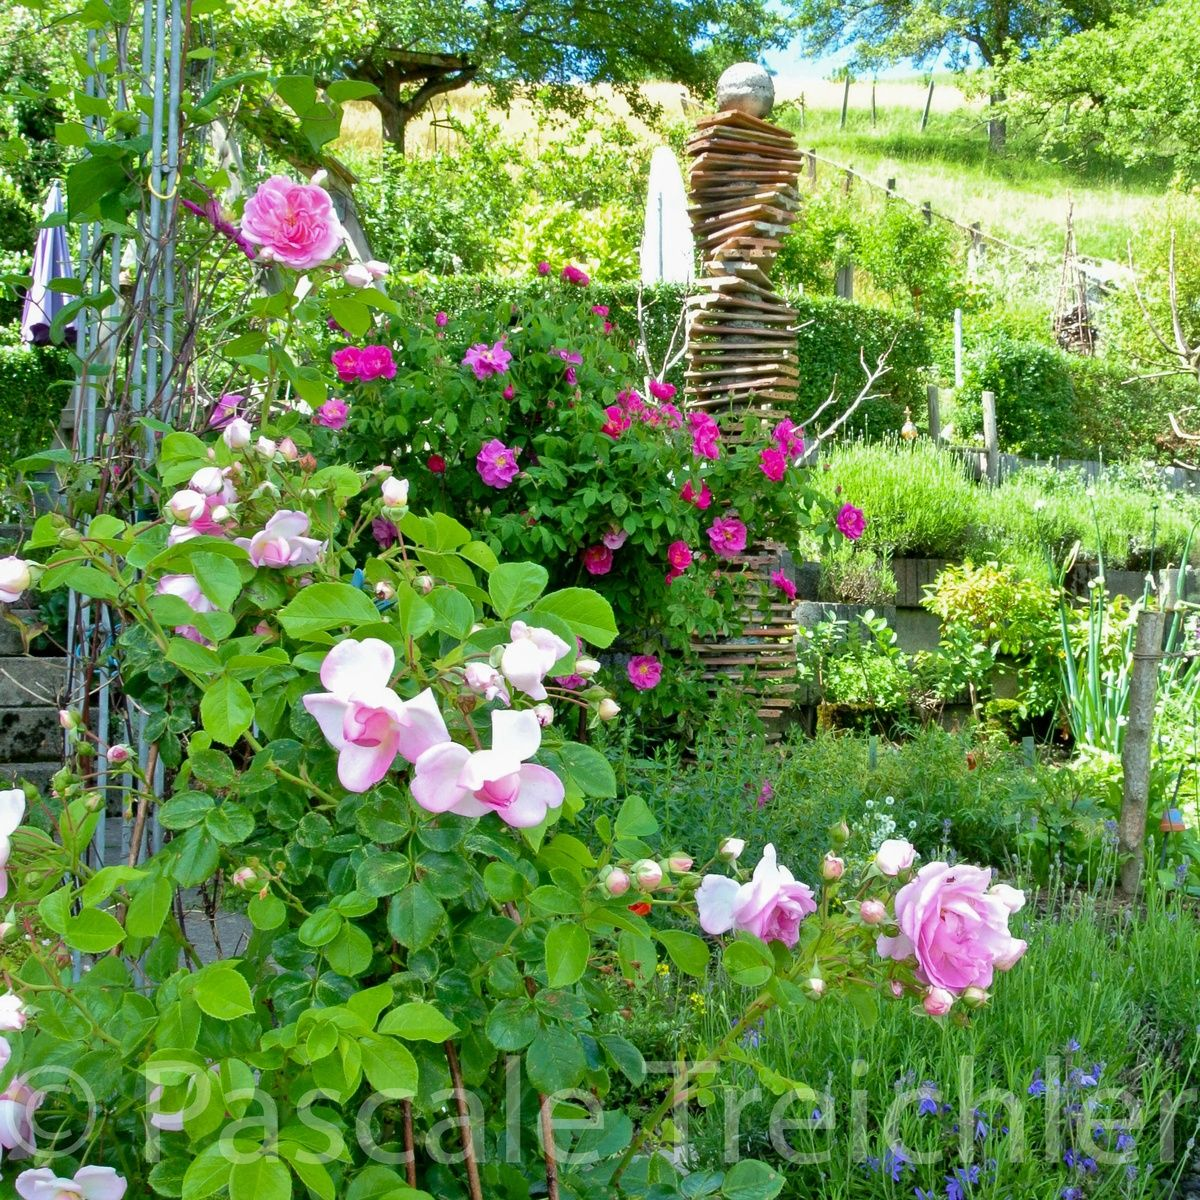 Liebst Du Deinen Garten, Aber Nicht Die Gartenarbeit? Dann Solltest Du  Einen Pflegeleichten Garten Anlegen, Der Trotzdem Wild Und Romantisch Ist.